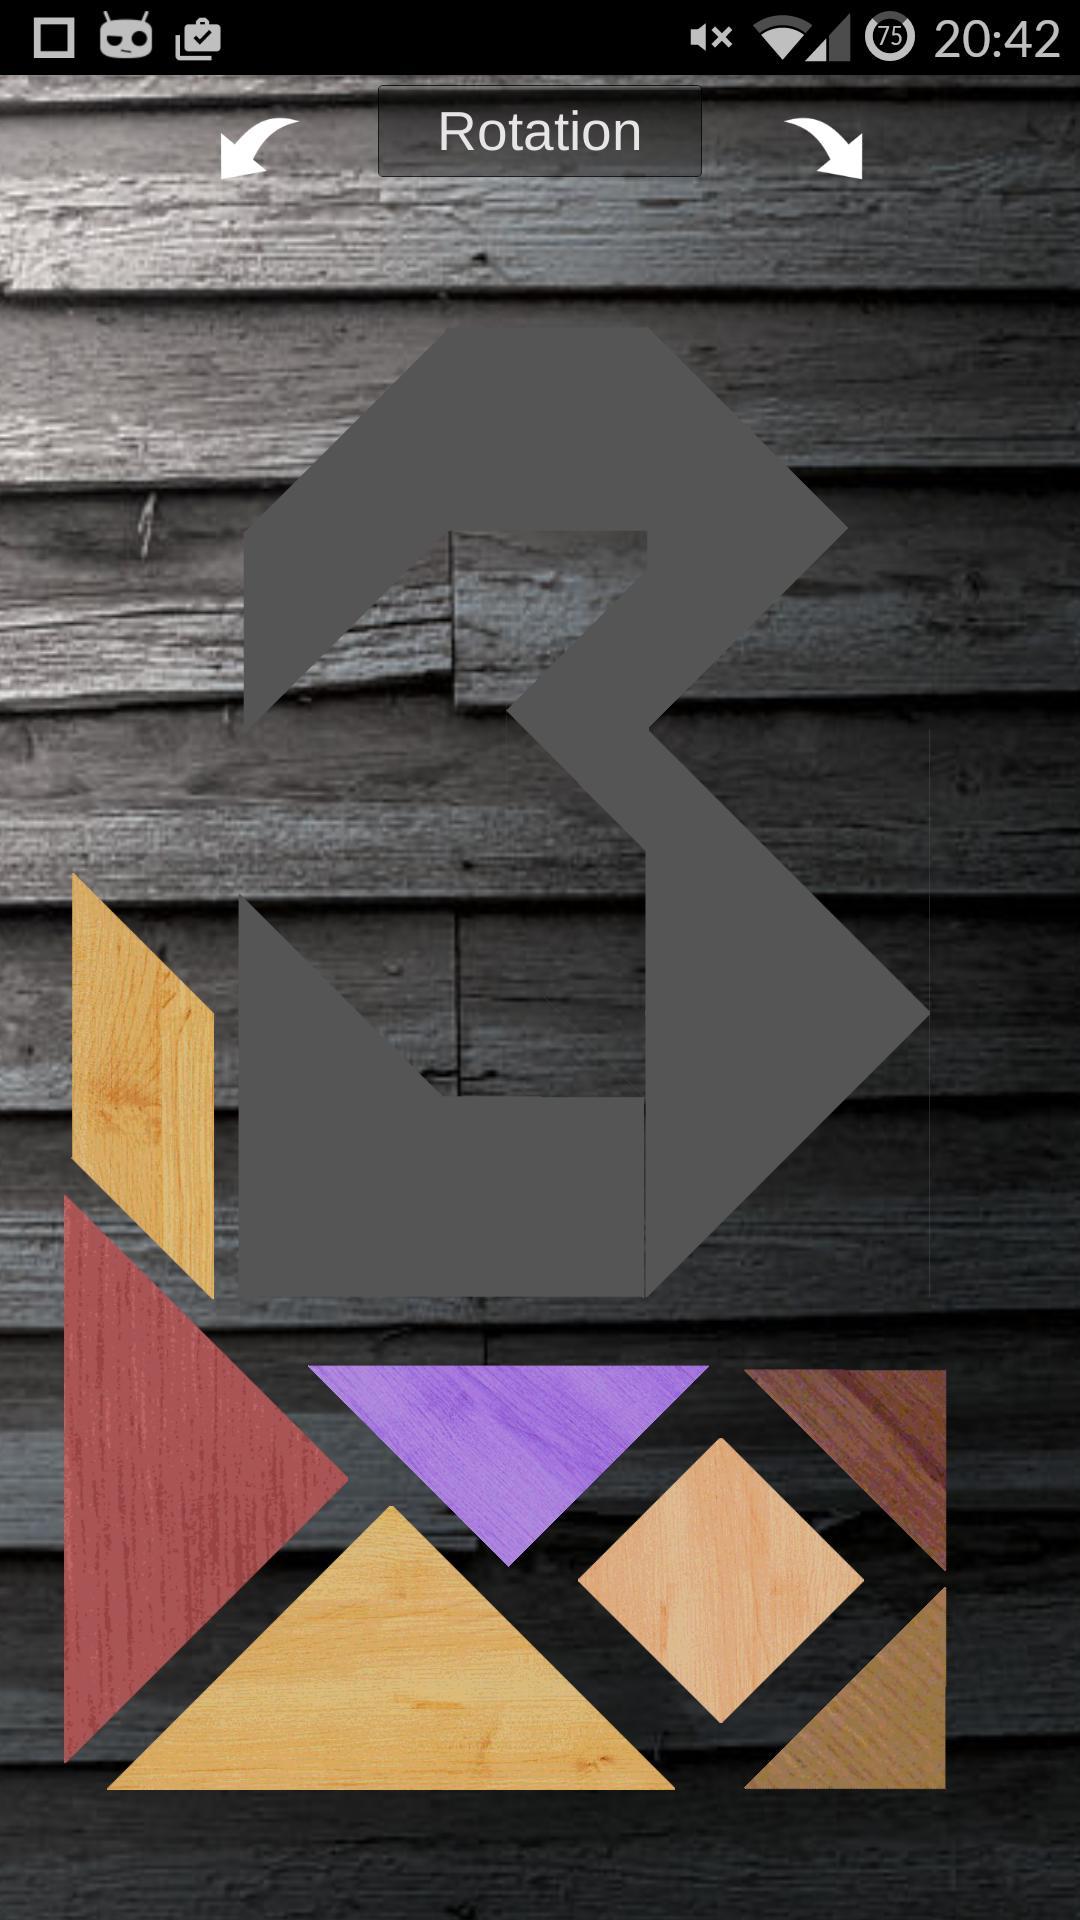 Tangram Gratuit For Android - Apk Download destiné Jeux De Tangram Gratuit